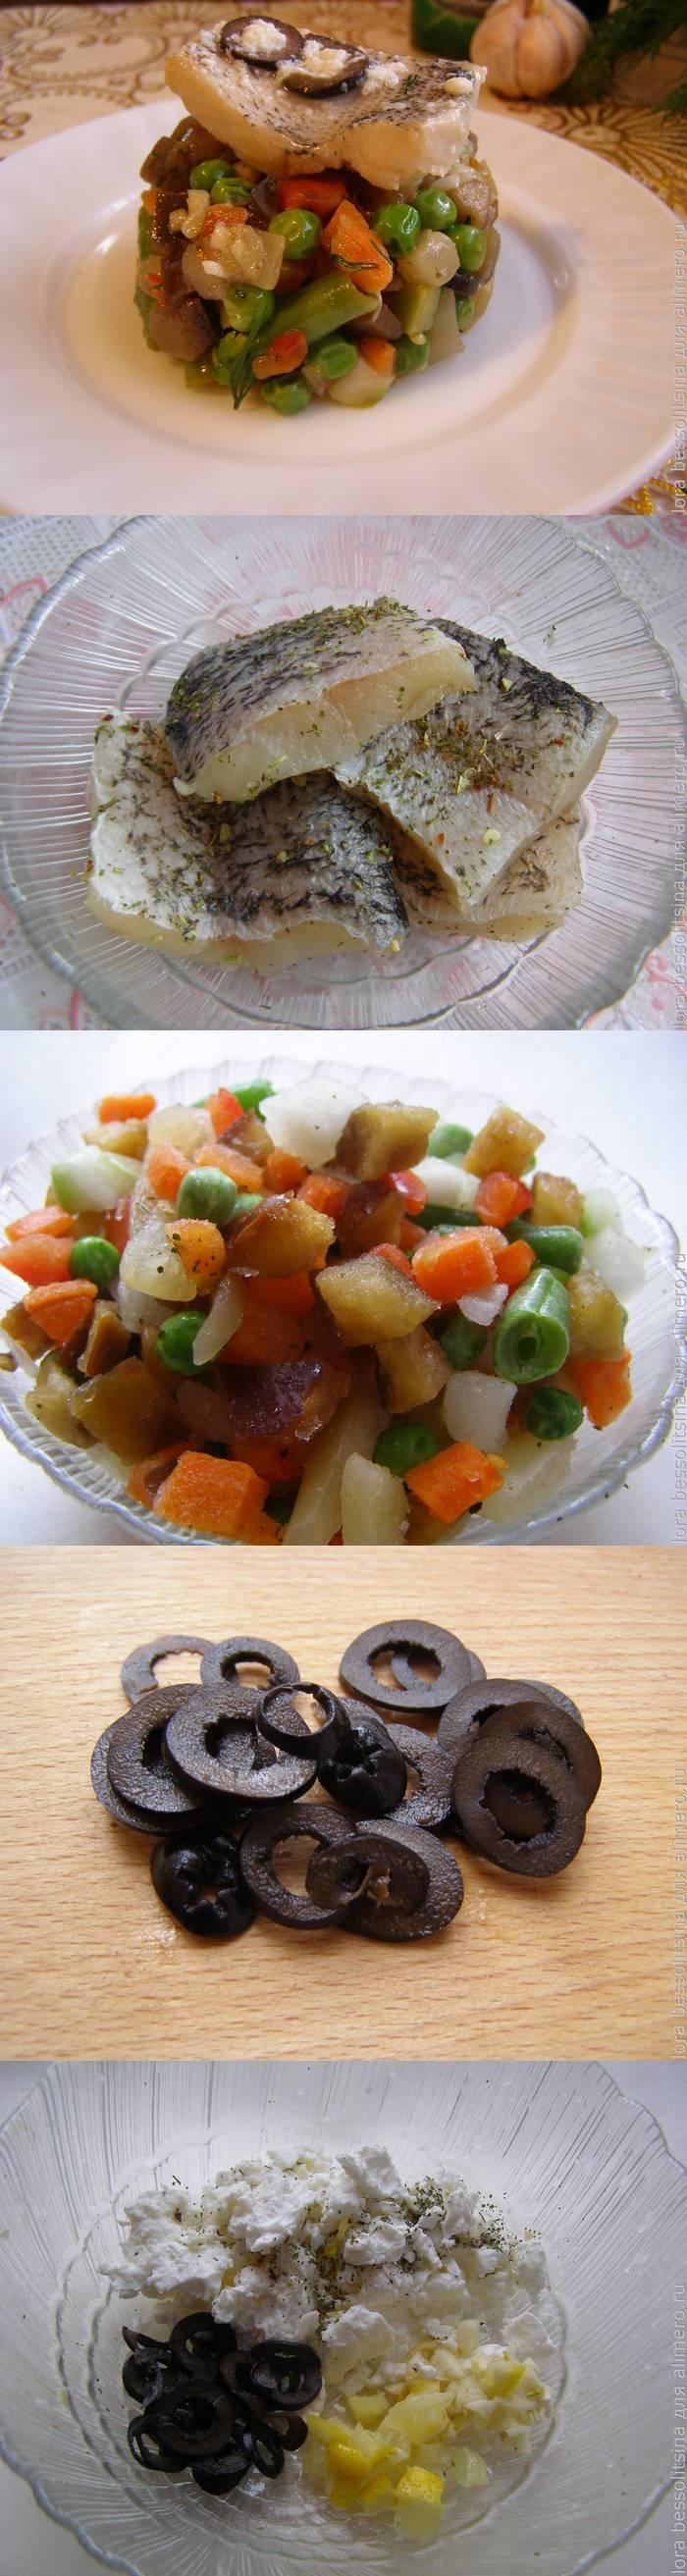 Рыба с овощами в оригинальном соусе